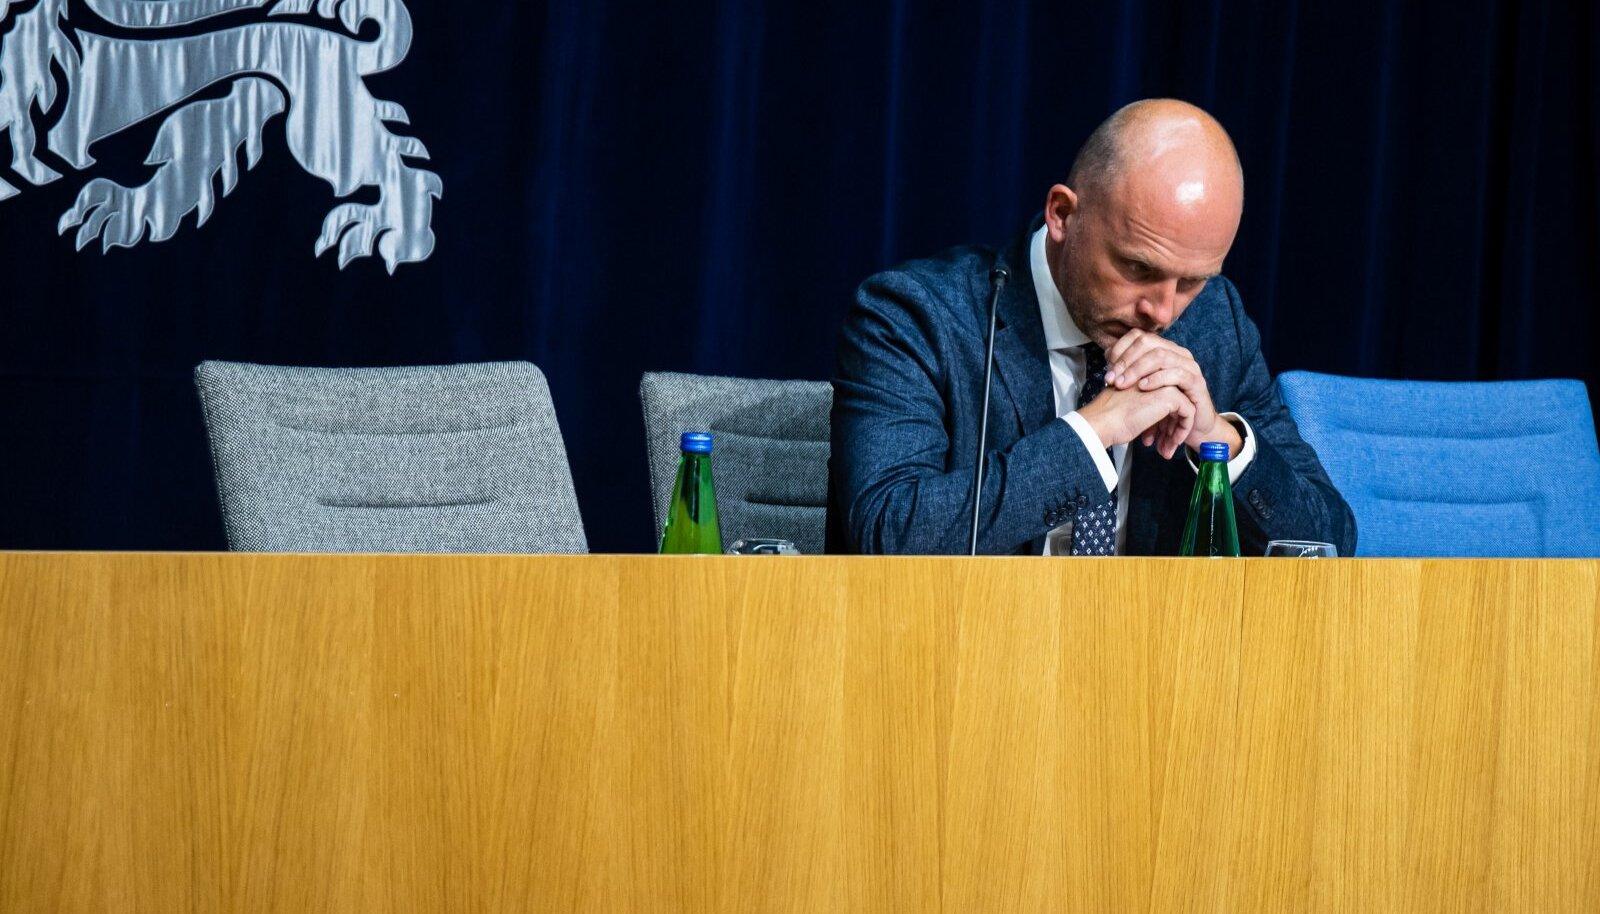 Riigisekretär Taimar Peterkop pidi tõdema, et külmlaos mitme miljoni eurose kahju tekitanud sulamise põhjustasid mitme asjaosalise tõsised vead.